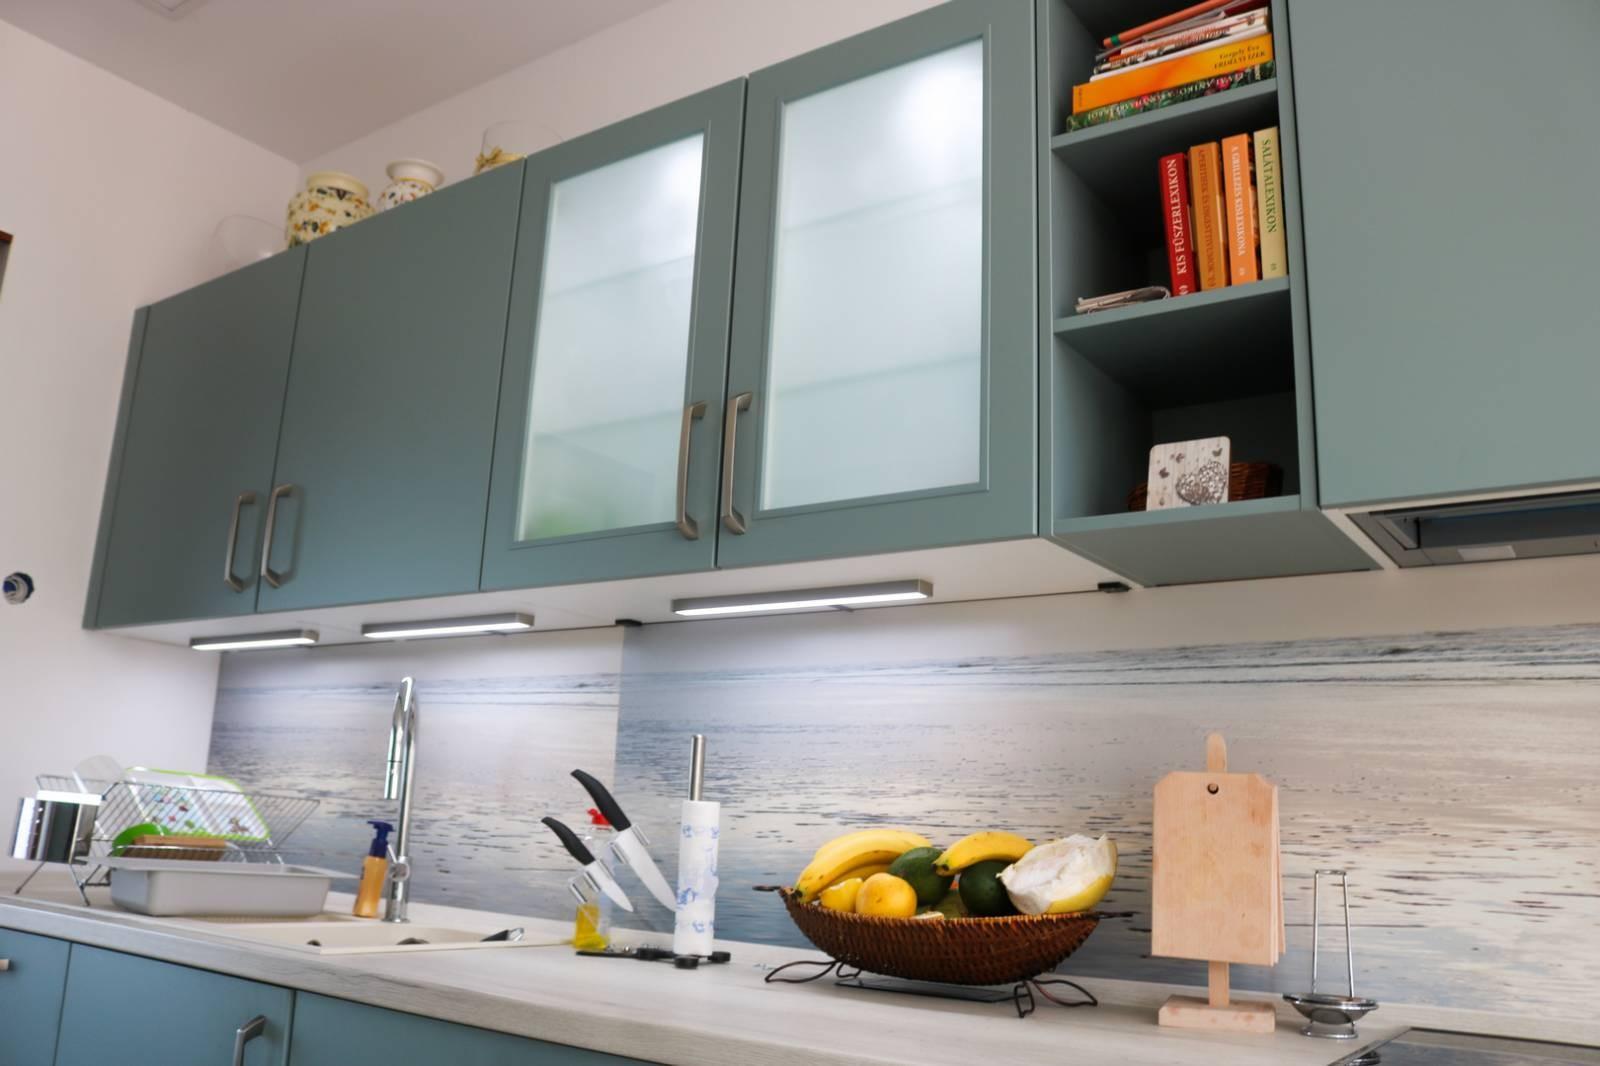 Referință - Bucătărie modernă Nobilia Touch - Apă Albastră / Stejar Sherwood